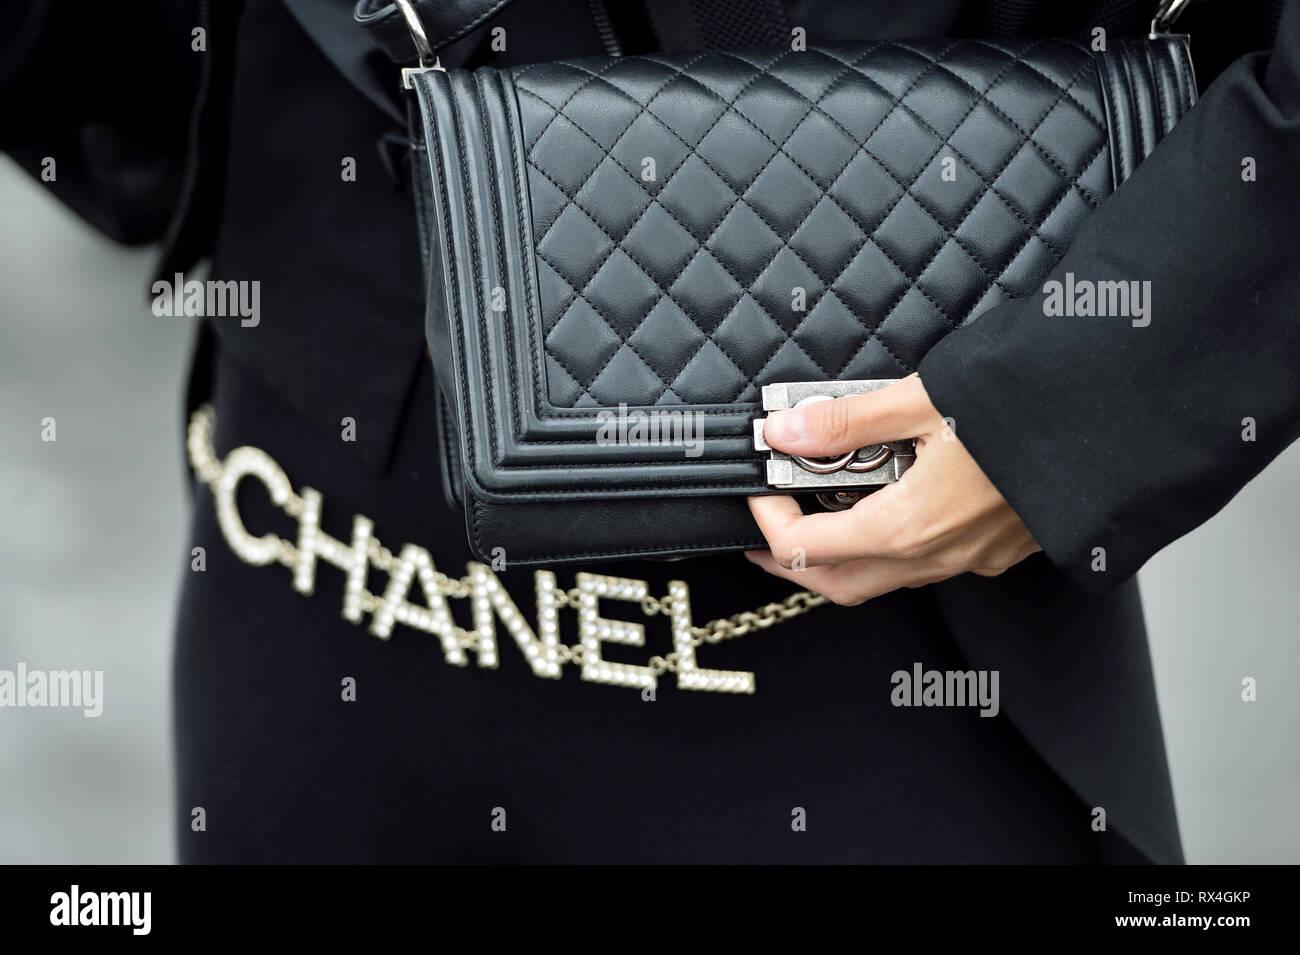 ebcc163a0c1 Ceinture Chanel sac Chanel et l extérieur - Le Grand-Palais - Paris - France